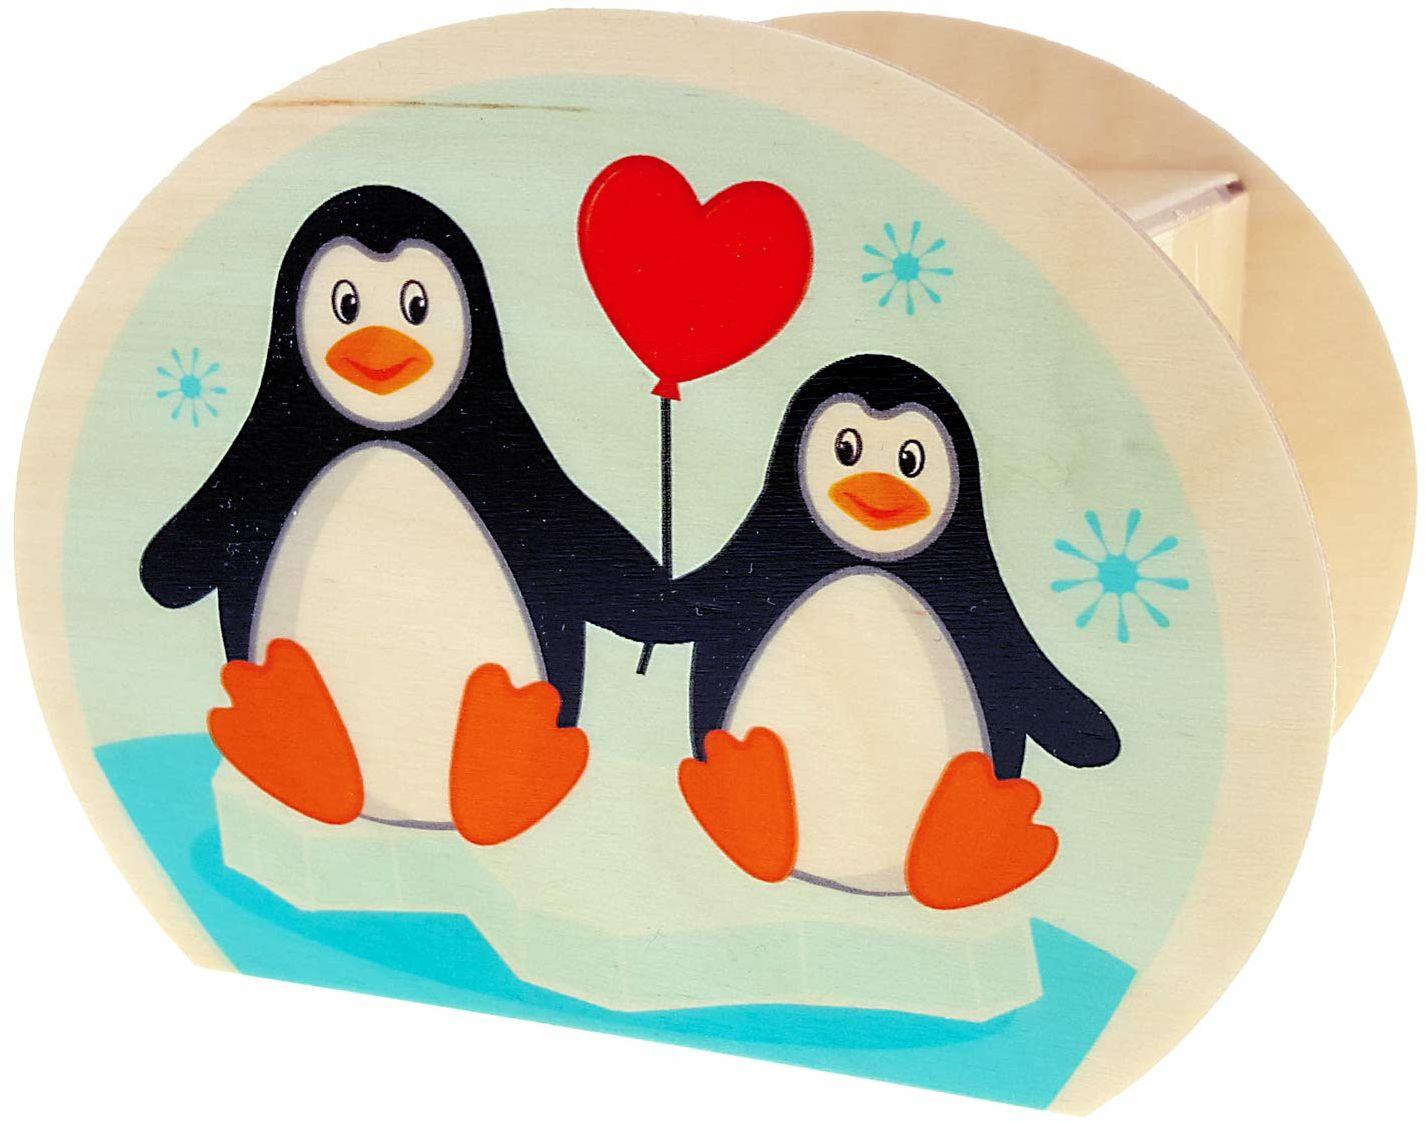 Hess drewniana zabawka 15214  skarbonka z drewna, z kluczem, pingwinami, prezent dla dzieci na urodziny, ok. 11,5 x 8,5 x 6,5 cm